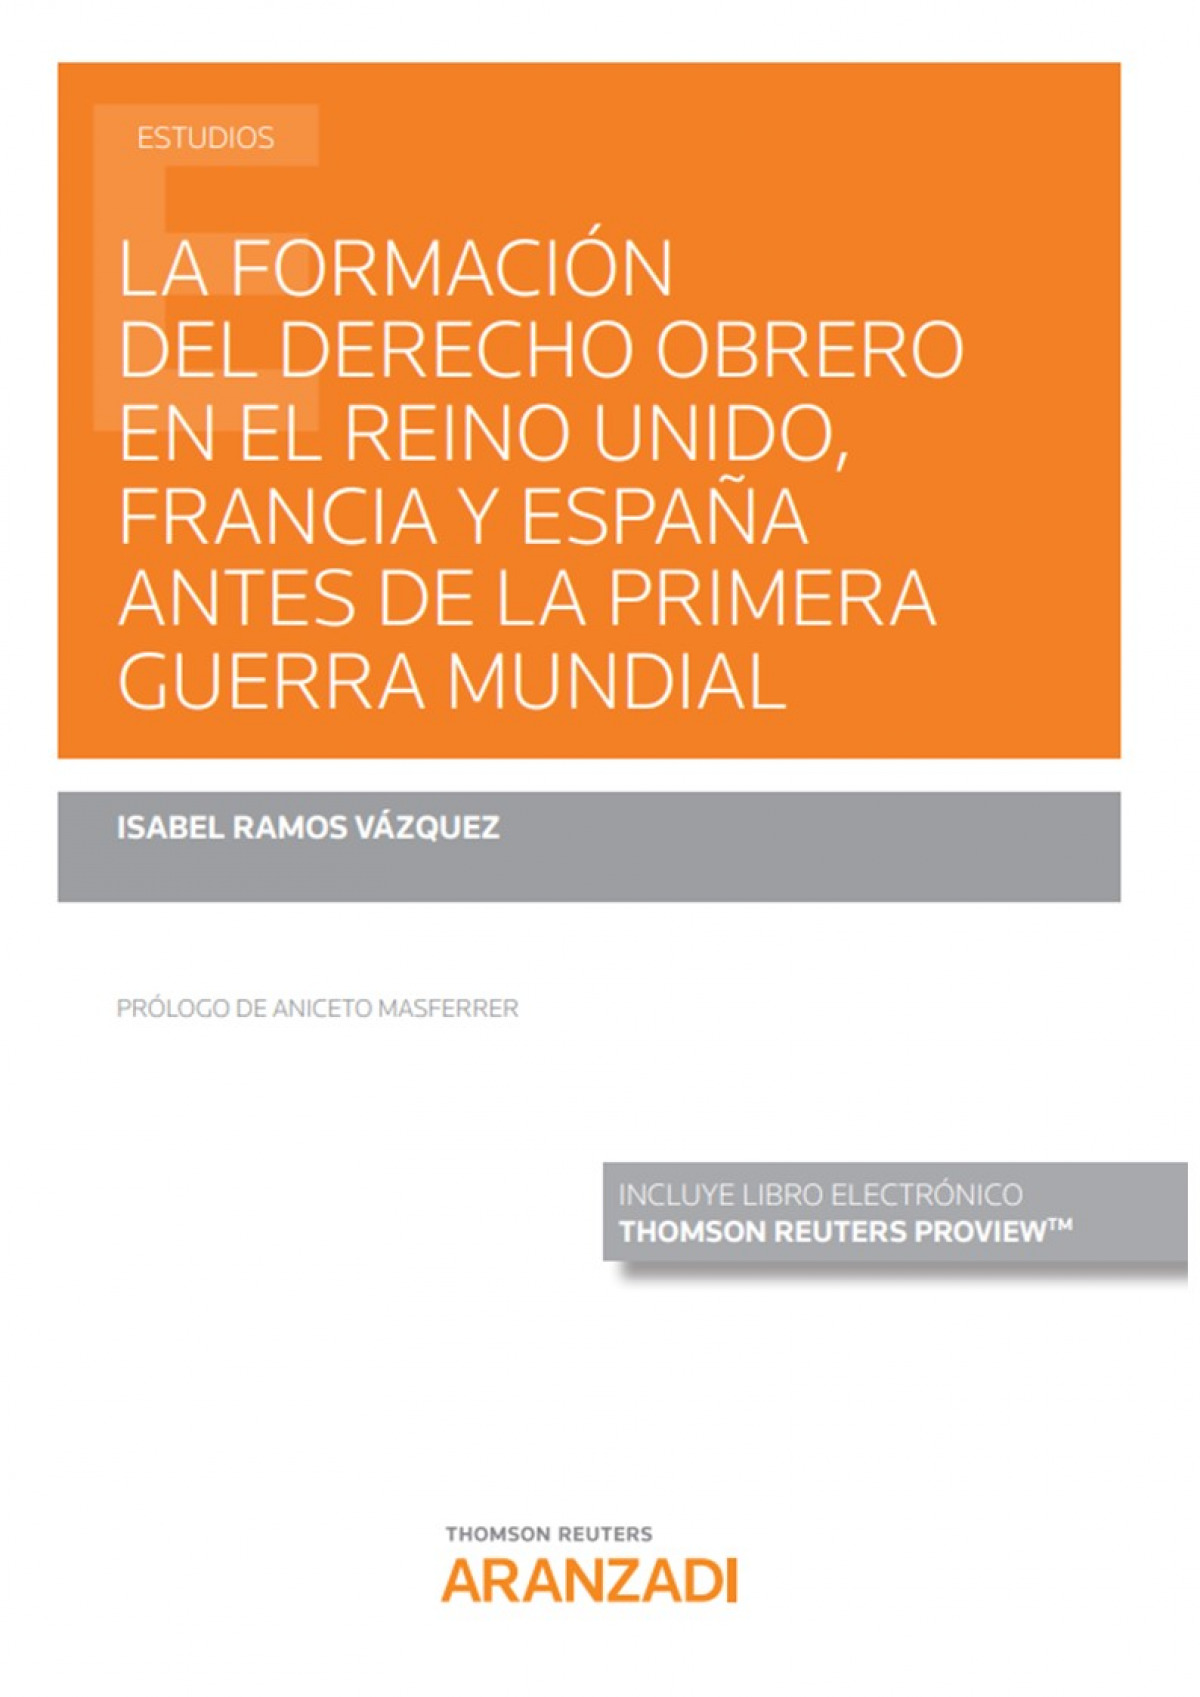 Formación del derecho obrero en el reino unido, Francia y España